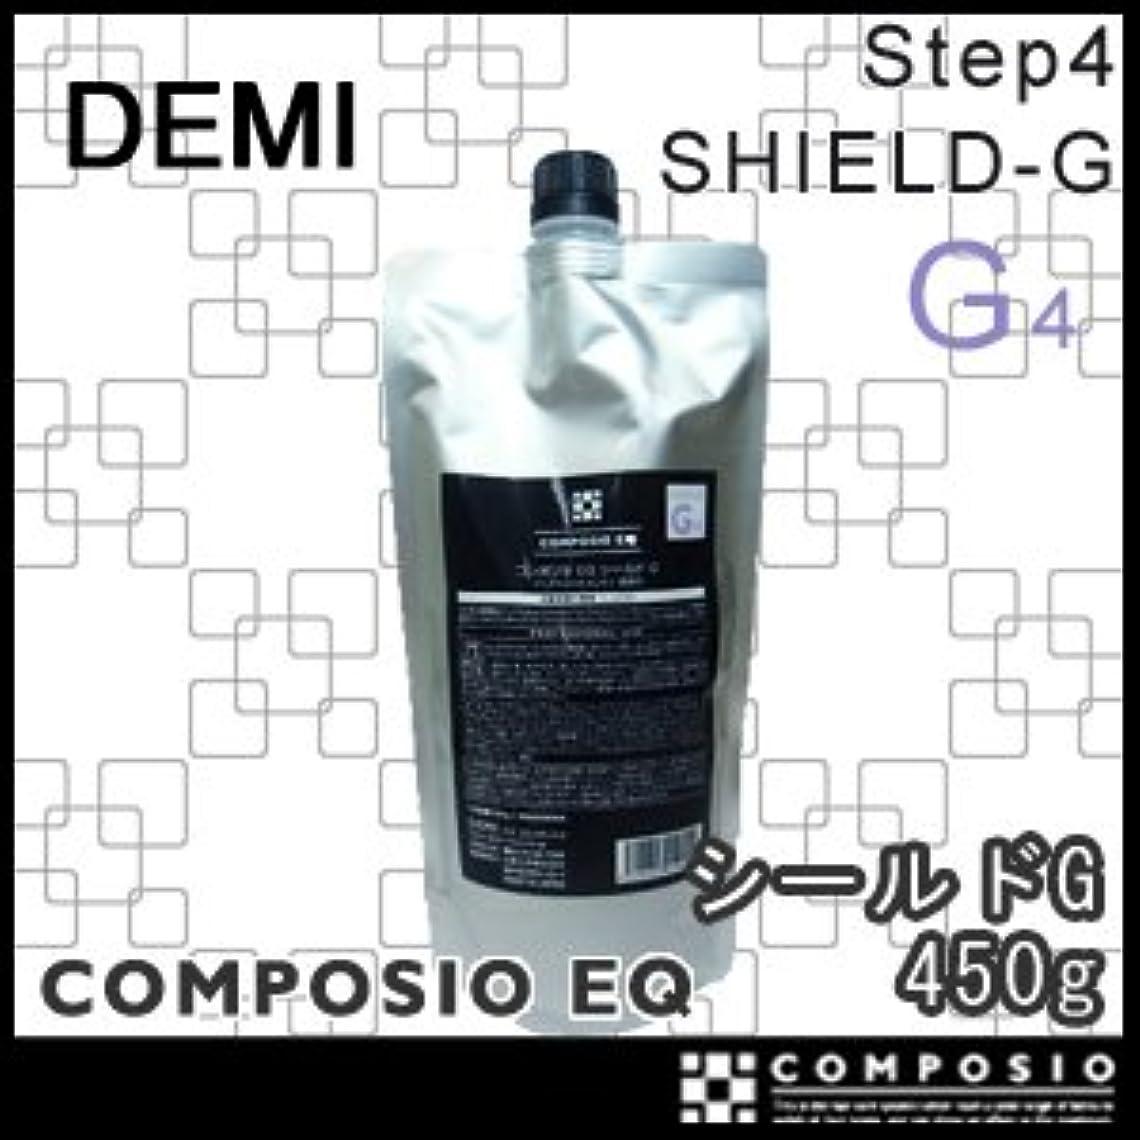 容器バルーンマイクロプロセッサデミ コンポジオ EQ シールド G 詰替え しっとりタイプ 450g